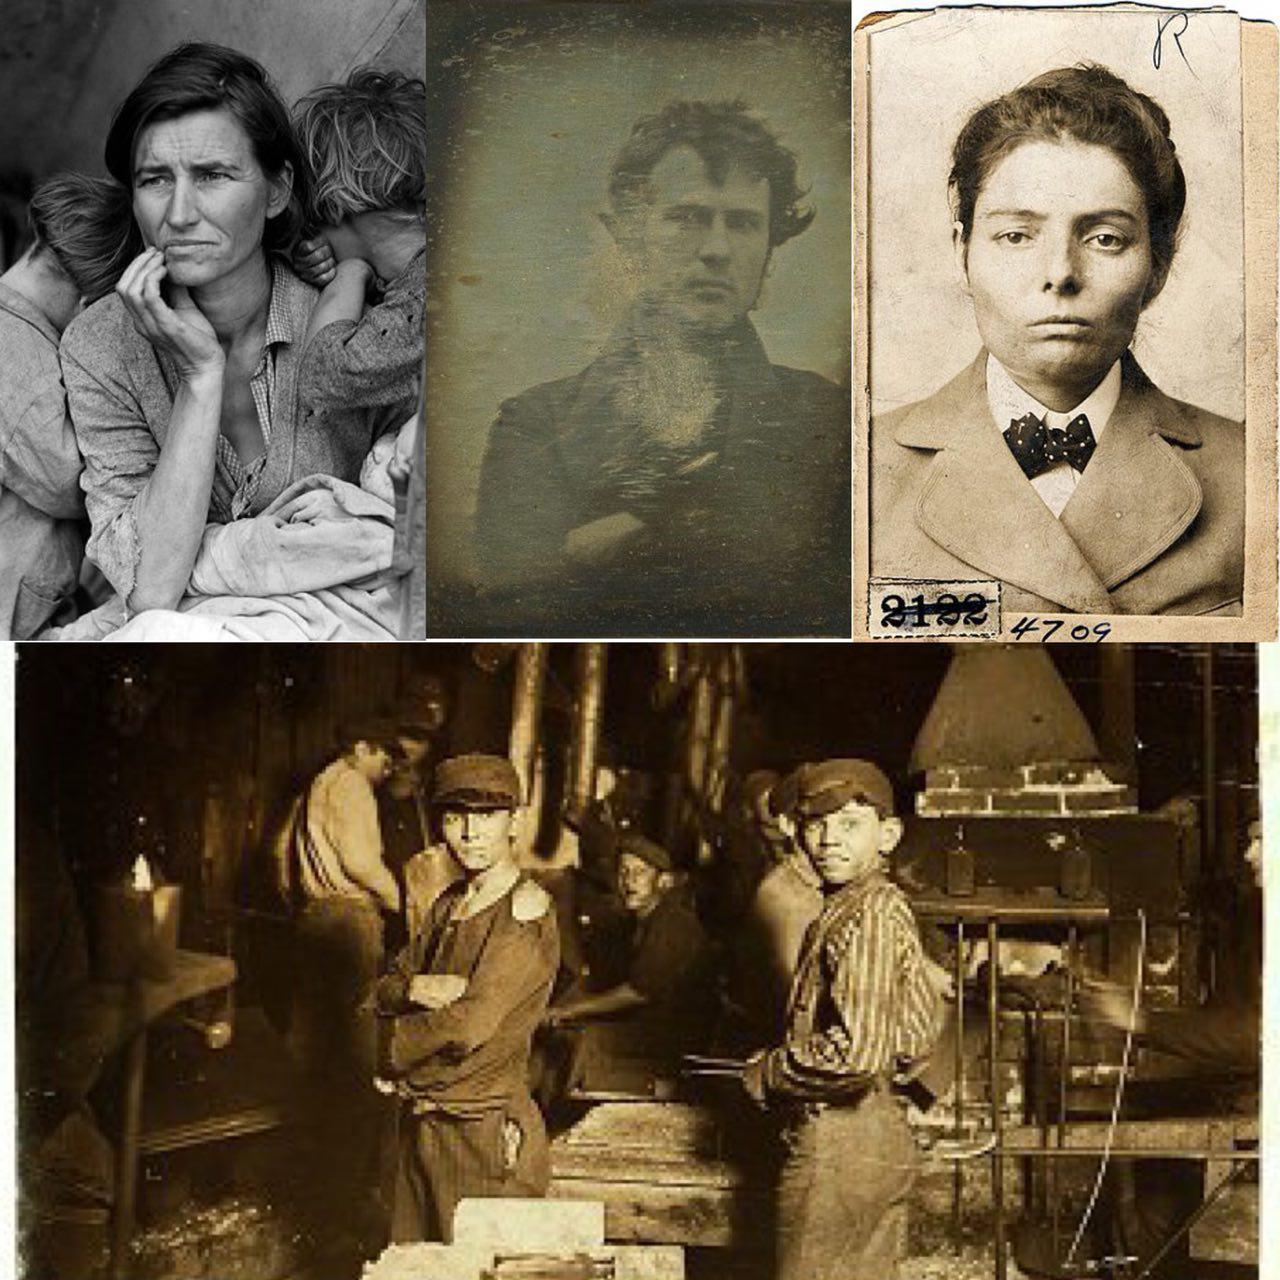 تاریخچه ی عکاسی پرتره